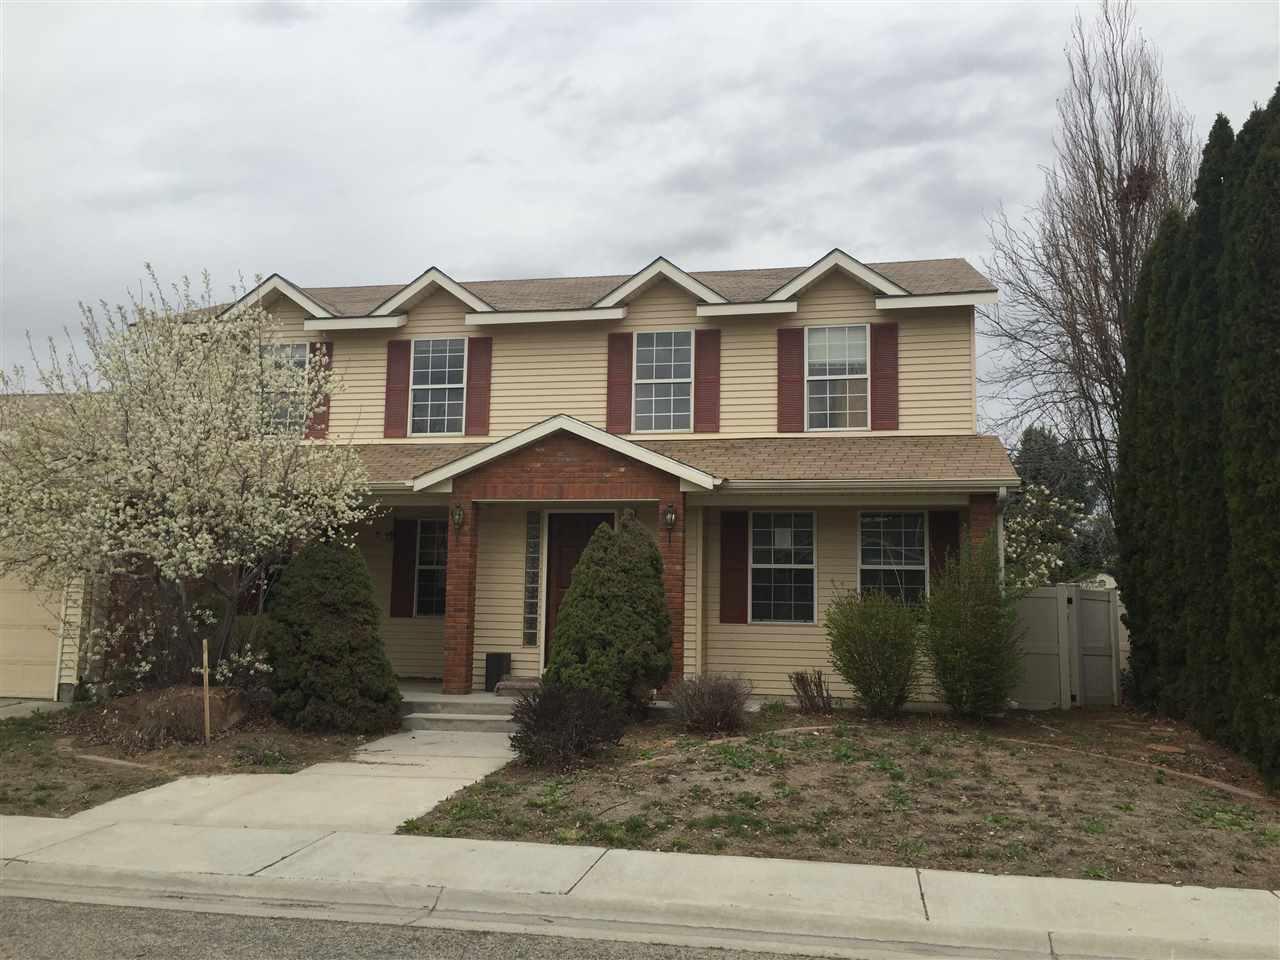 11554 W Violet Ct, Boise, ID 83713